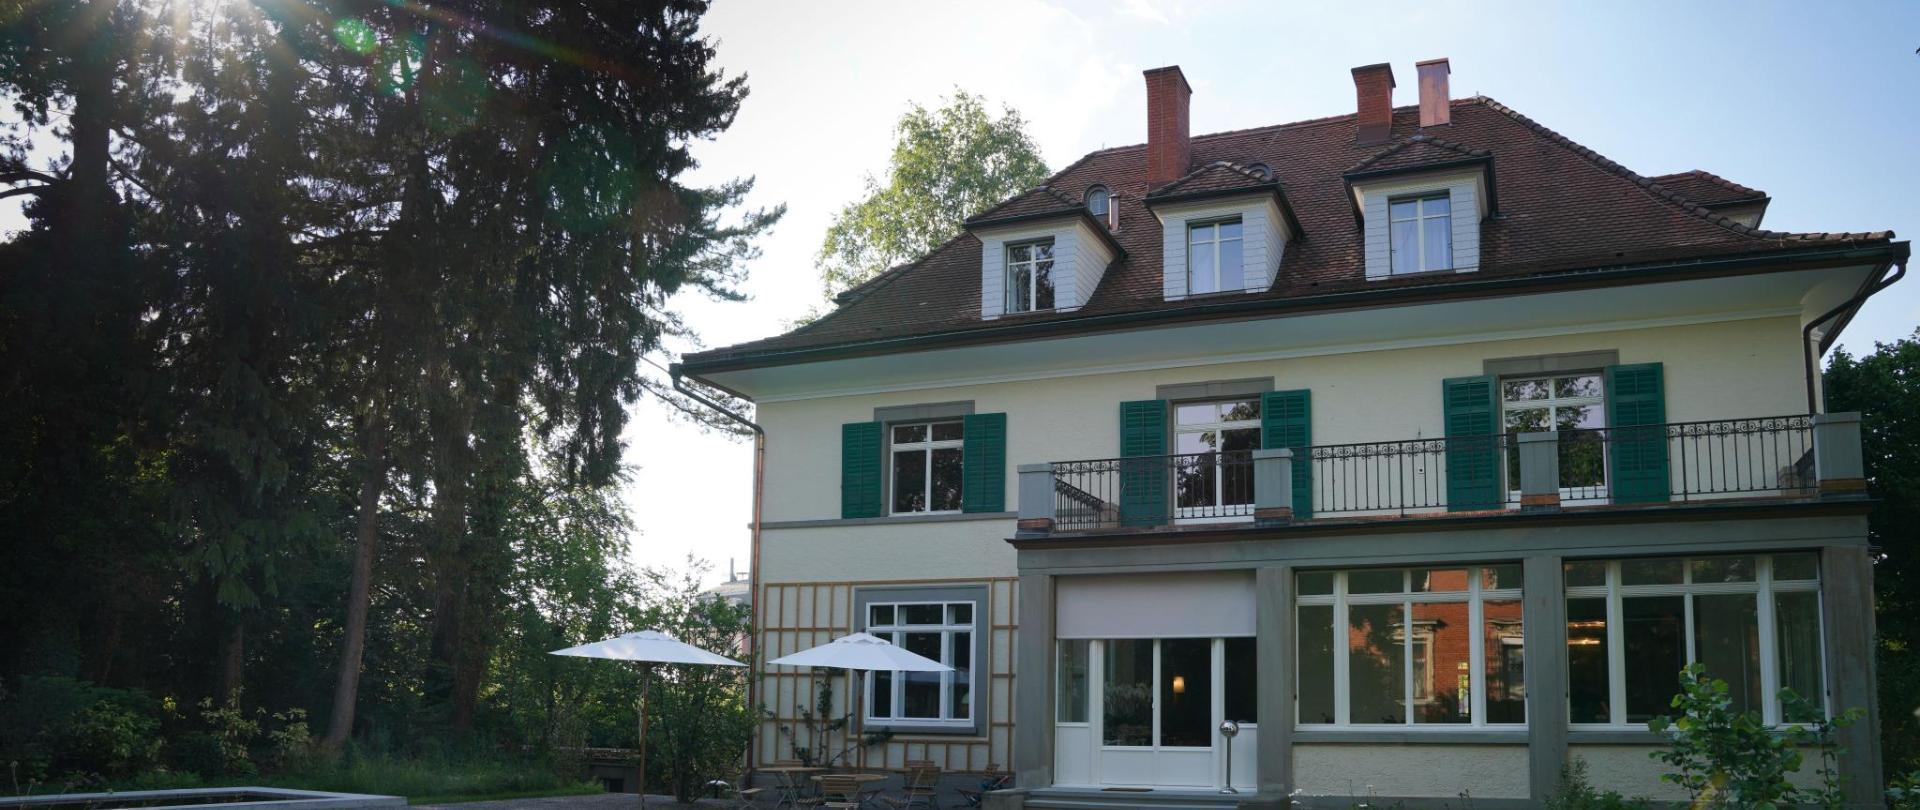 Signau House & Garden Boutique Hotel Zürich